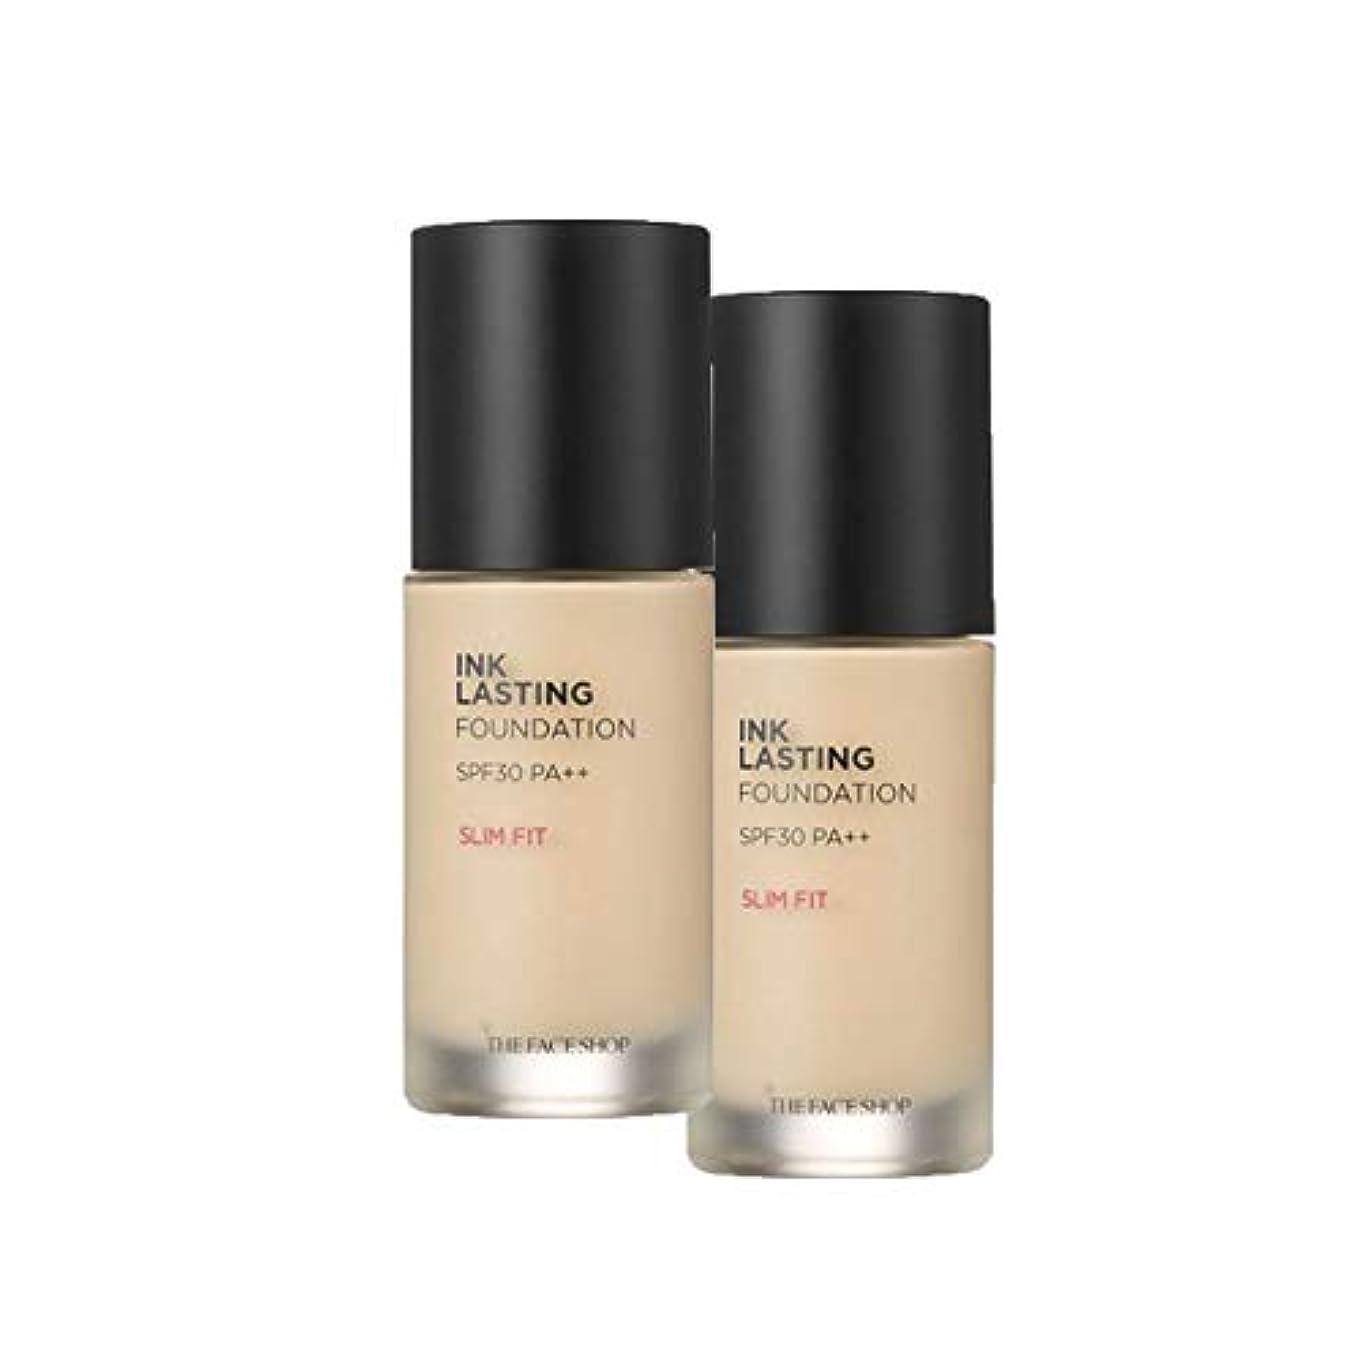 博物館アイデアドラフトザ?フェイスショップのインクラスティングファンデーションスリムフィット5カラー30mlx2本セット韓国コスメ、The Face Shop Ink Lasting Foundation Slim Fit 5 Colors...